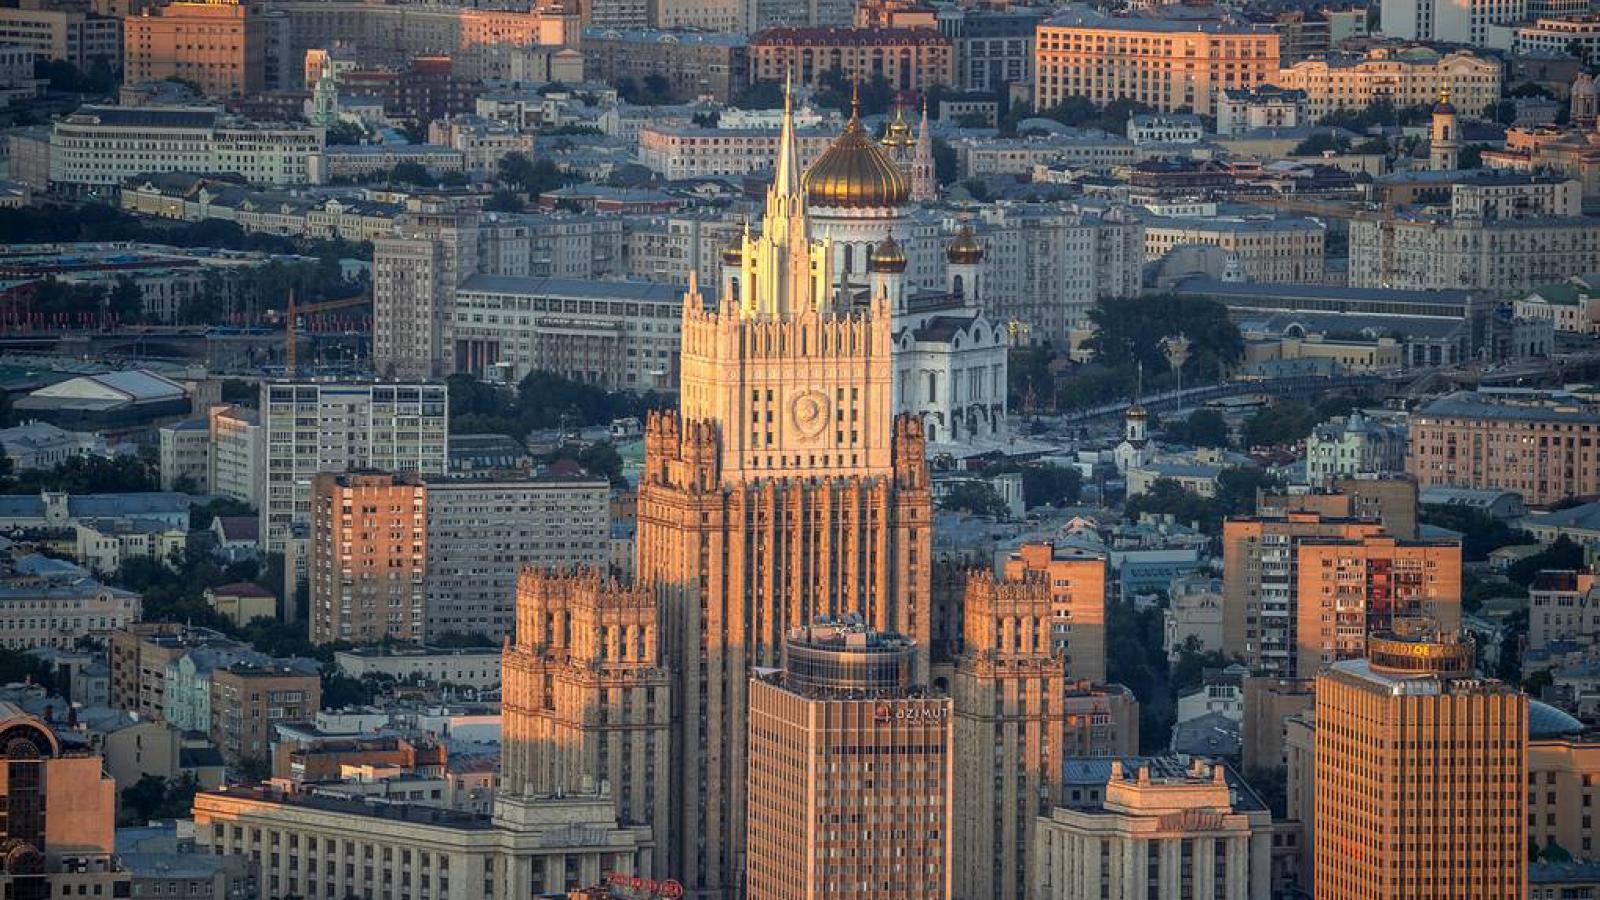 Nga mất niềm tin vào Mỹ với tư cách là một đối tác